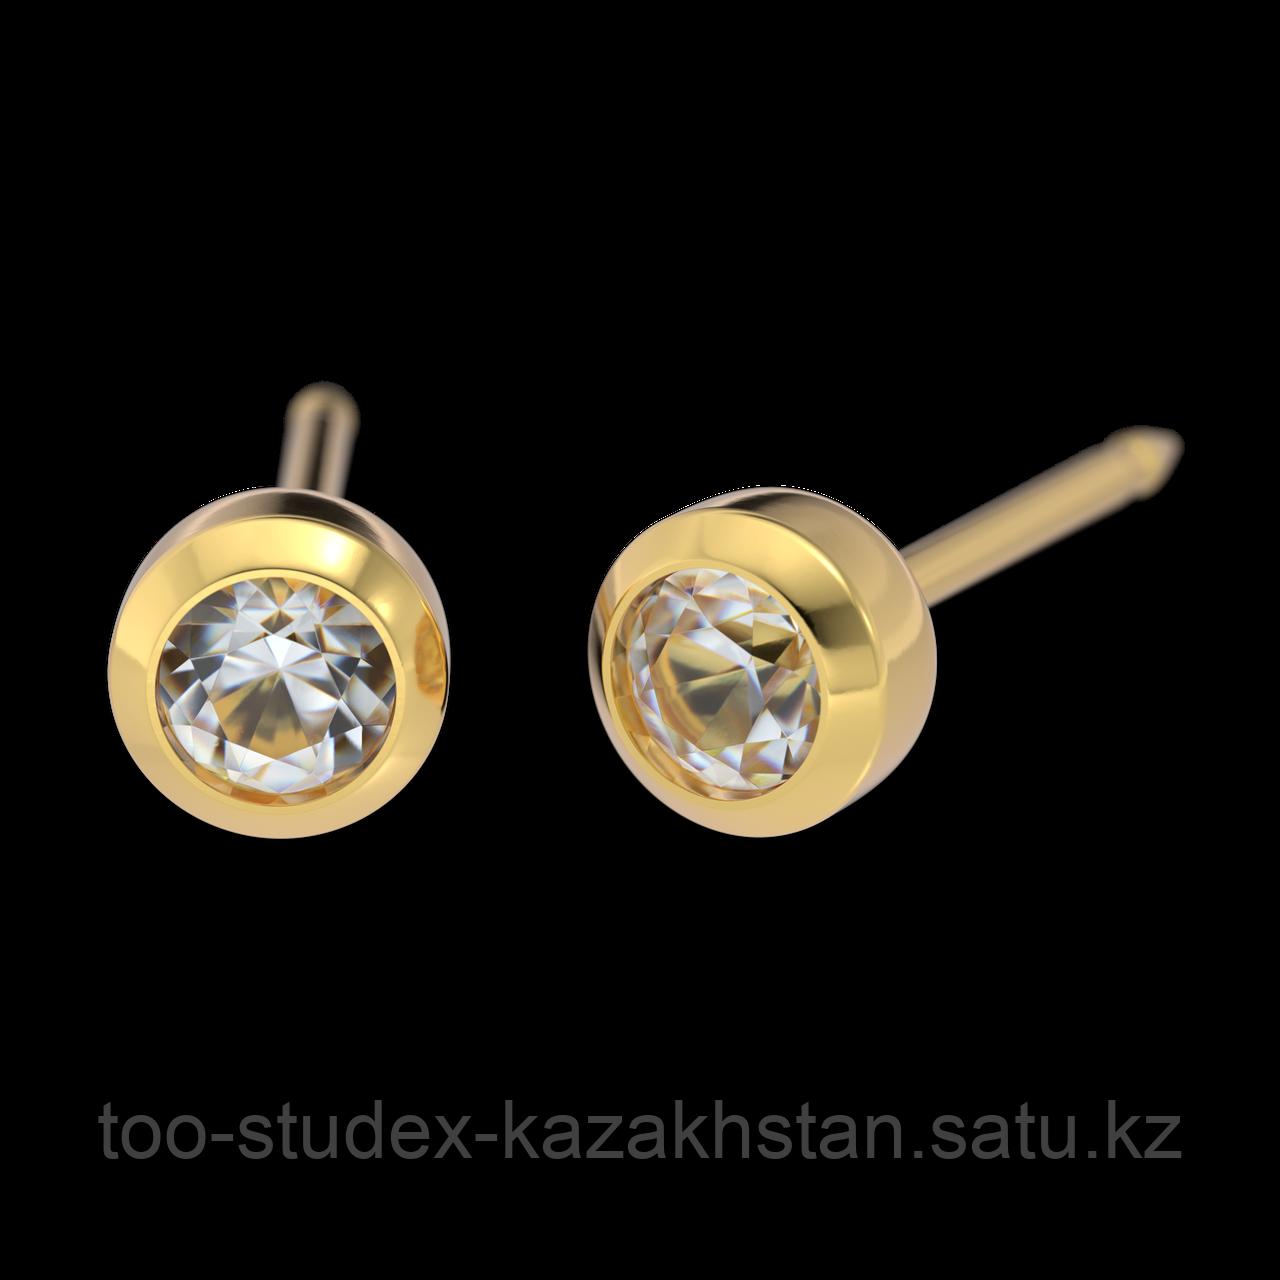 7511-0204 Серьги-иглы System75™ с цветными кристаллами